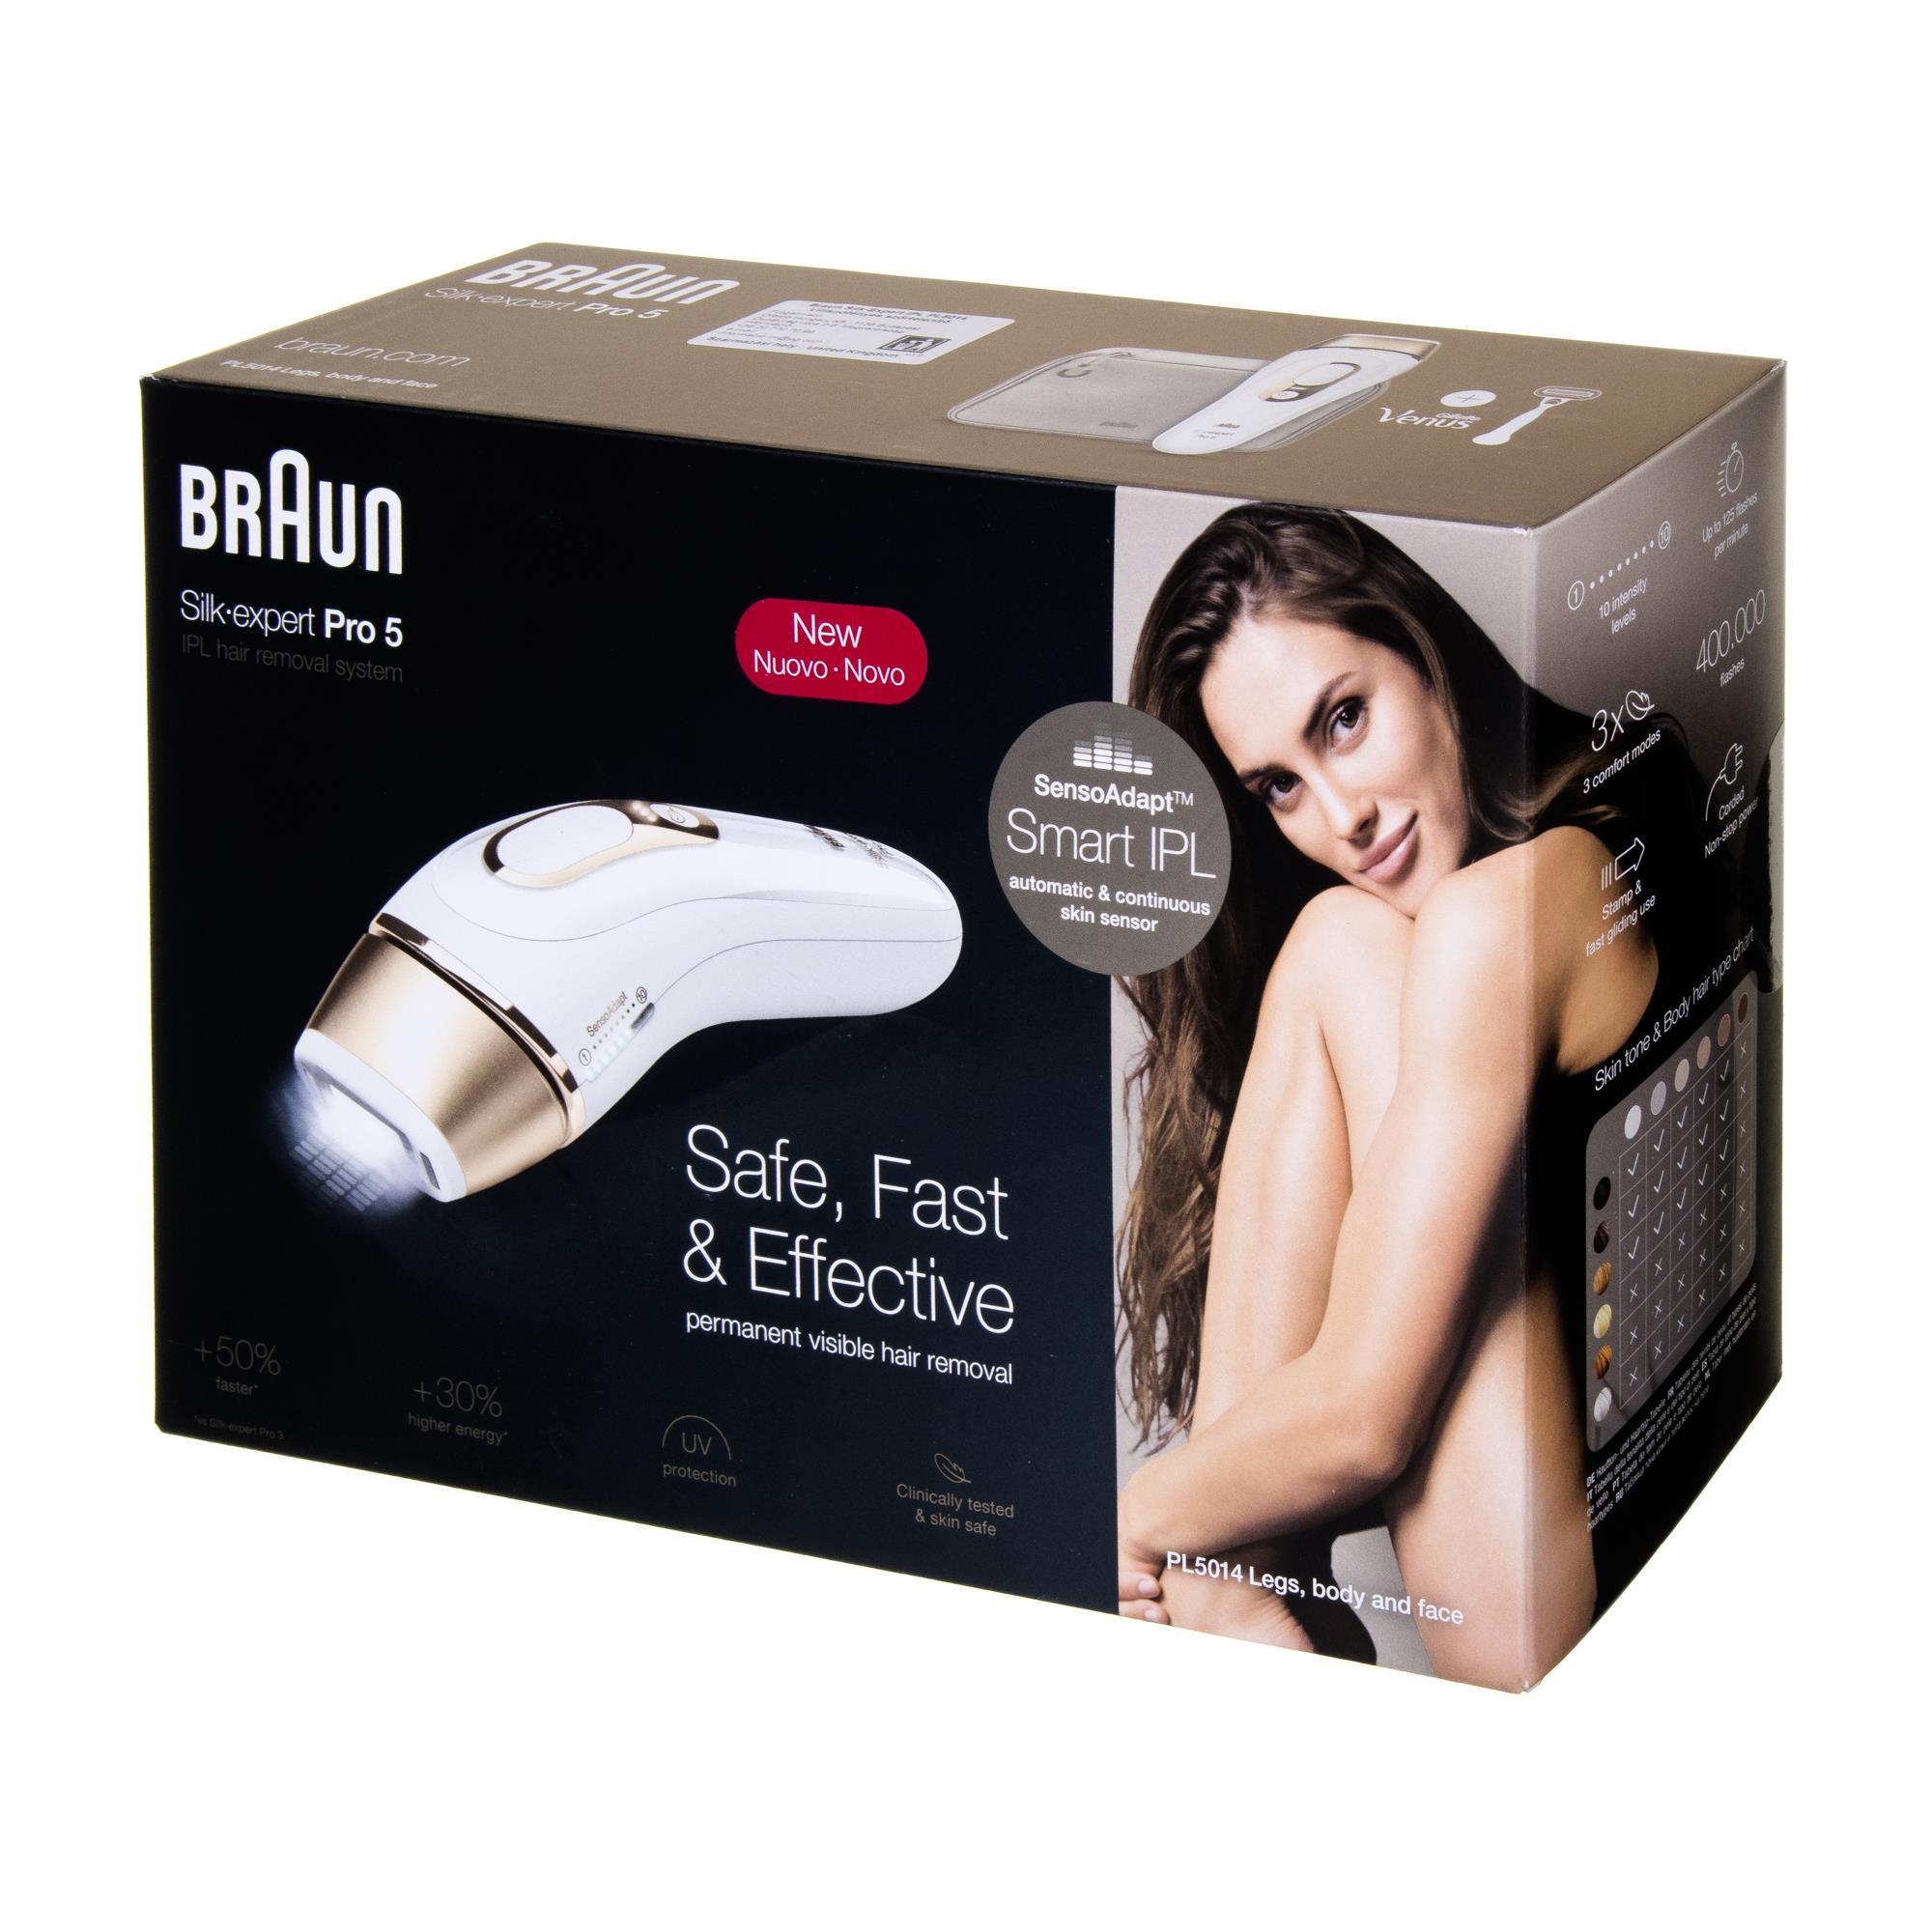 BRAUN Silk-Expert Pro 5 PL5014 IPL Epilators